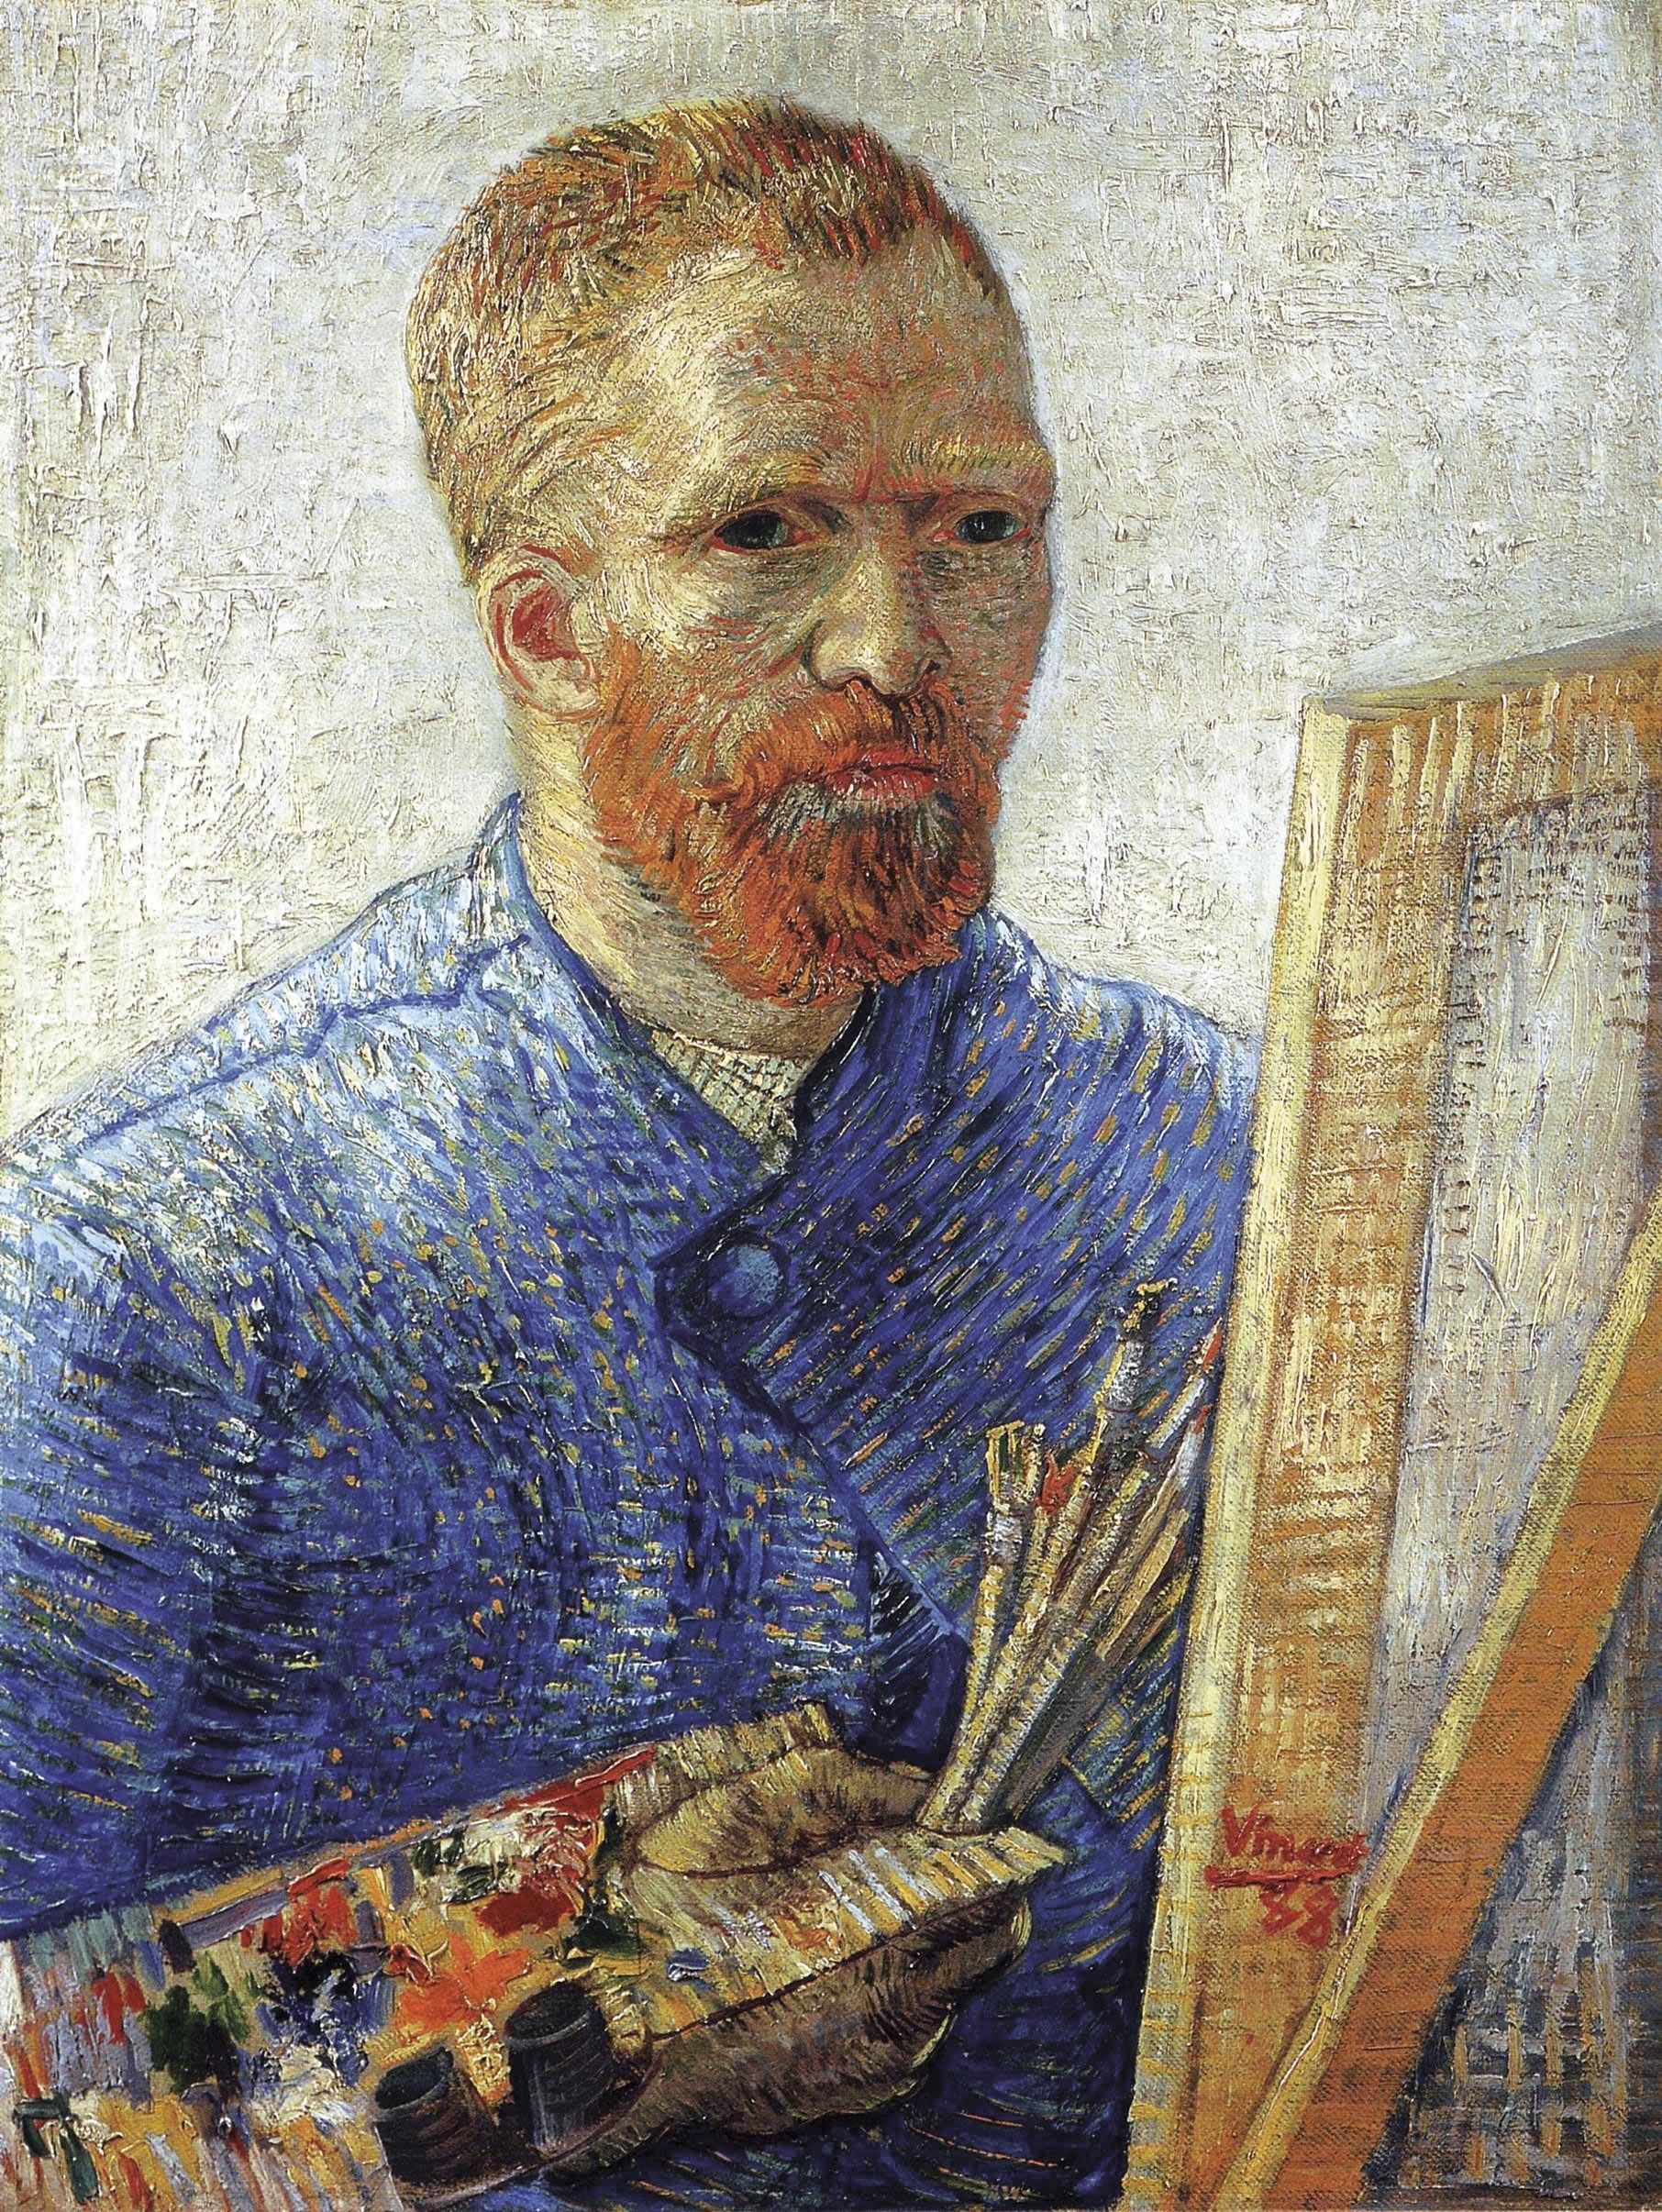 Éloge de la peinture ou de l'artiste ?